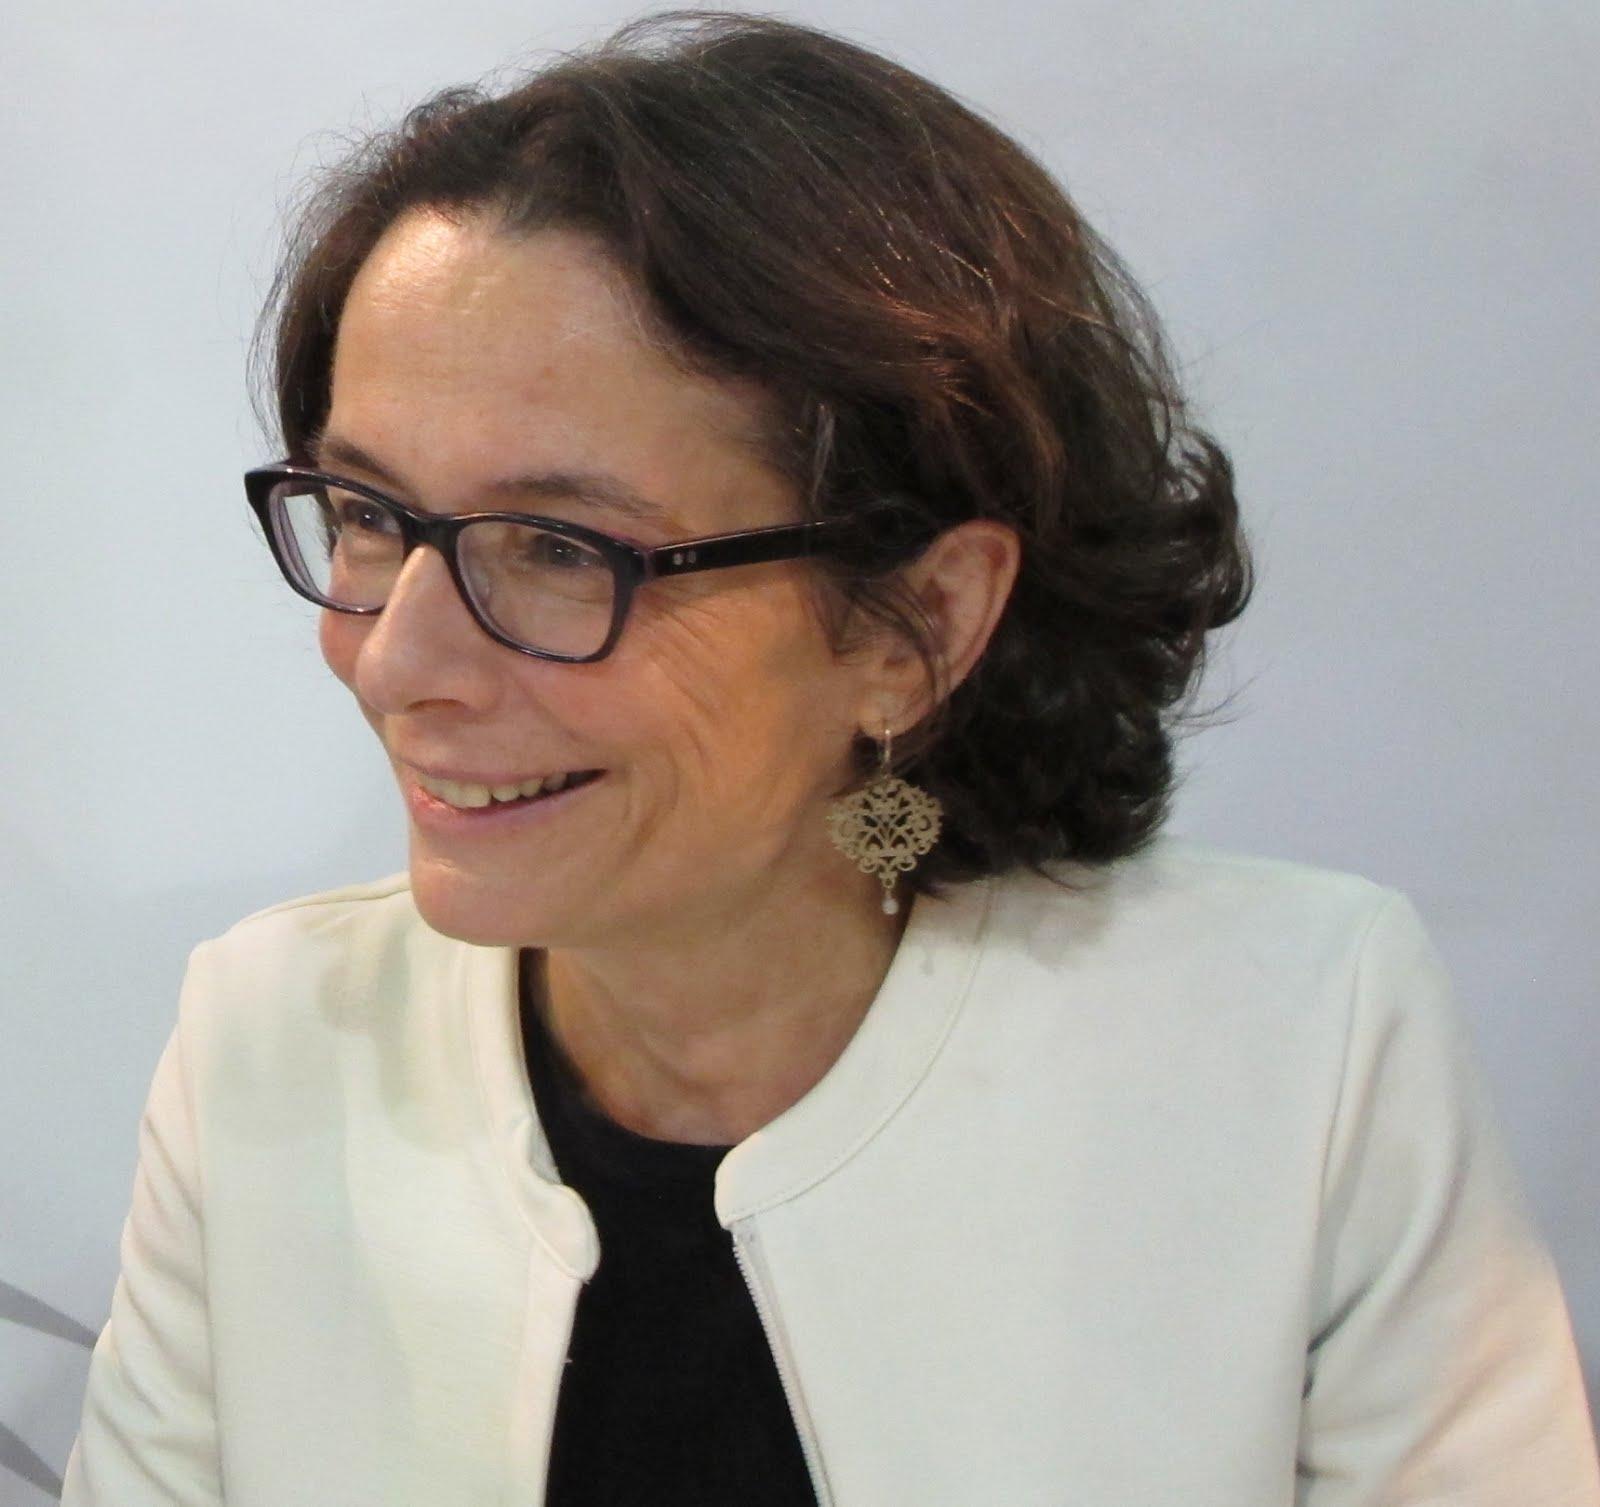 Maria Rosario Lazzati Niada